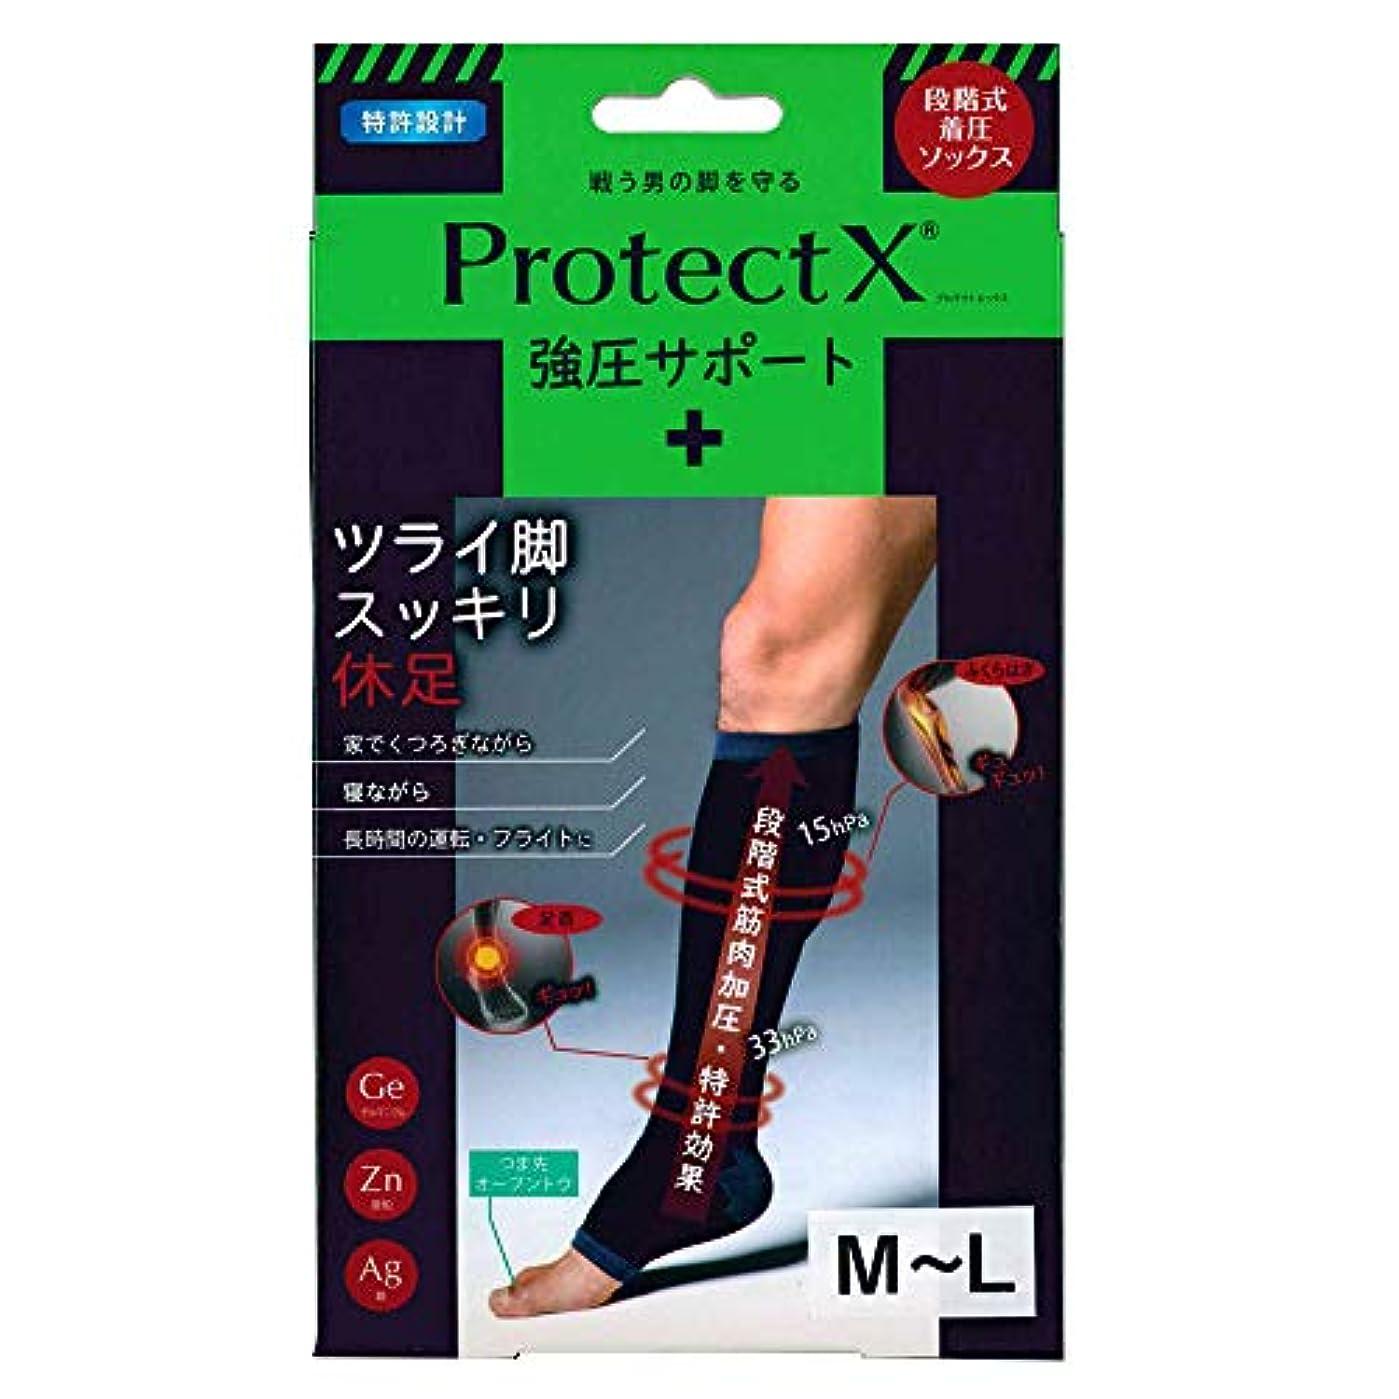 鮫コンバーチブル散らすProtect X(プロテクトエックス) 強圧サポート オープントゥ着圧ソックス 膝下 (膝下M-L)